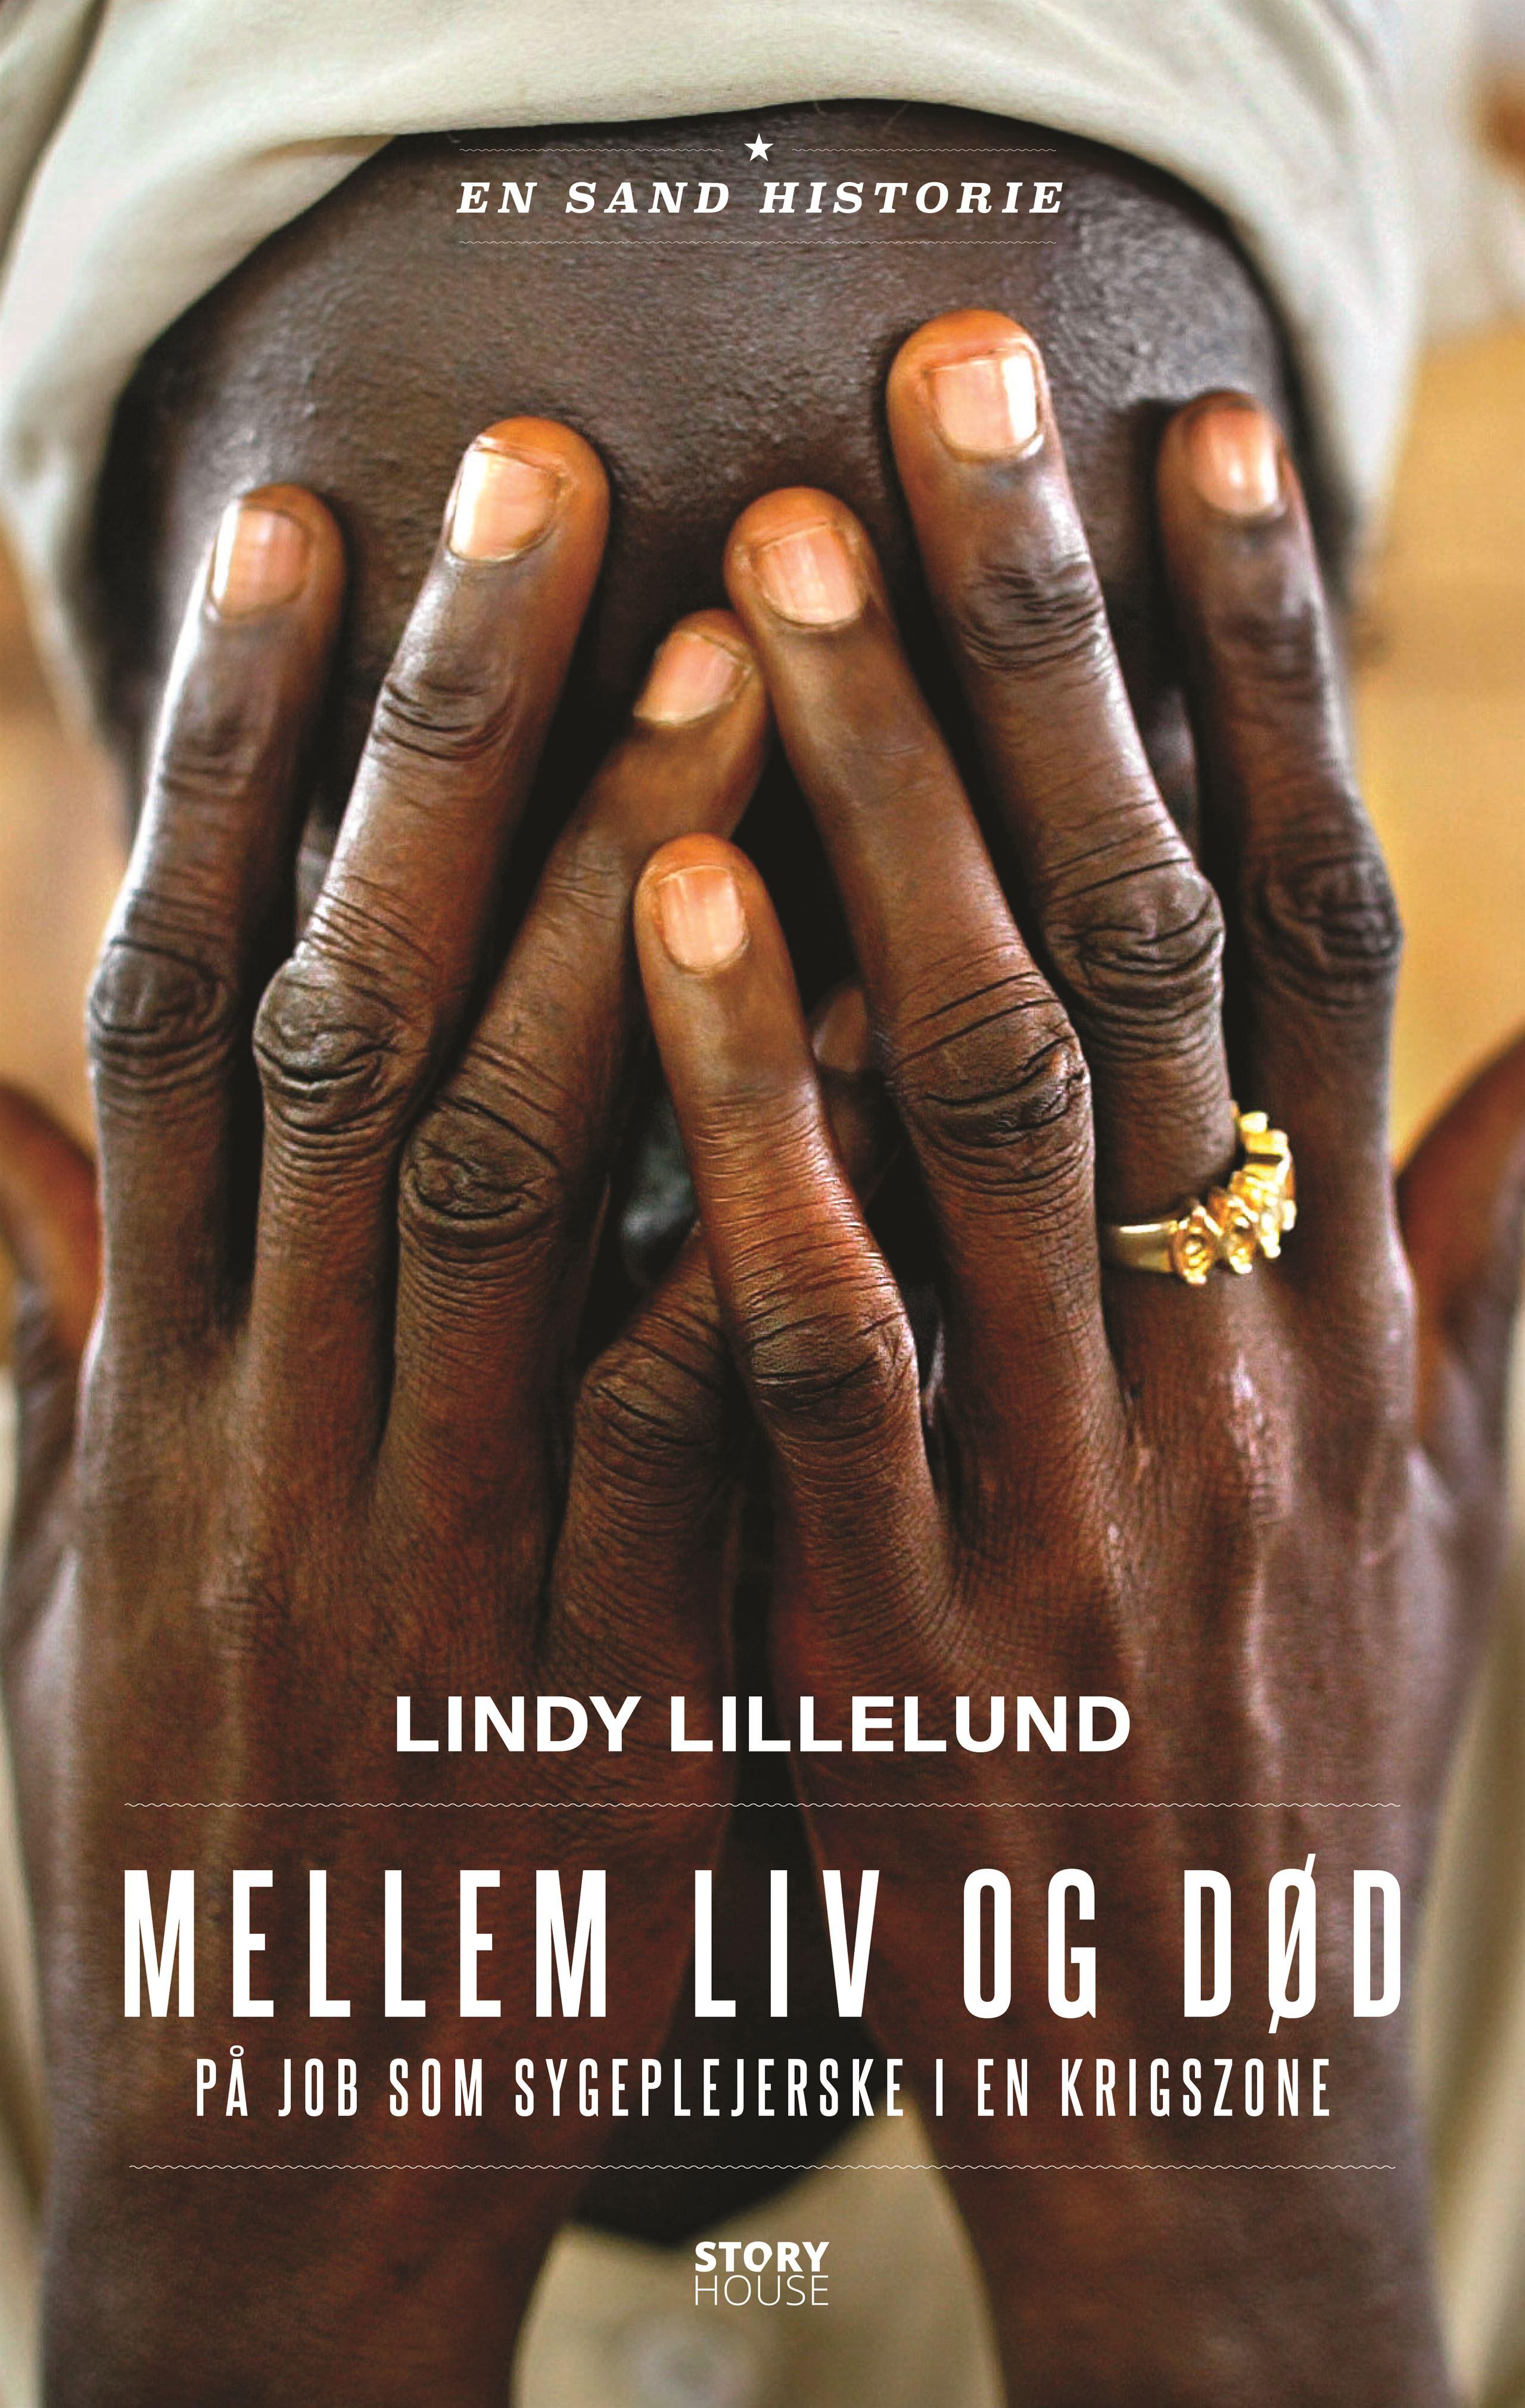 Lindy Lillelund, Mellem liv og død, sygeplejerske i en krigszone